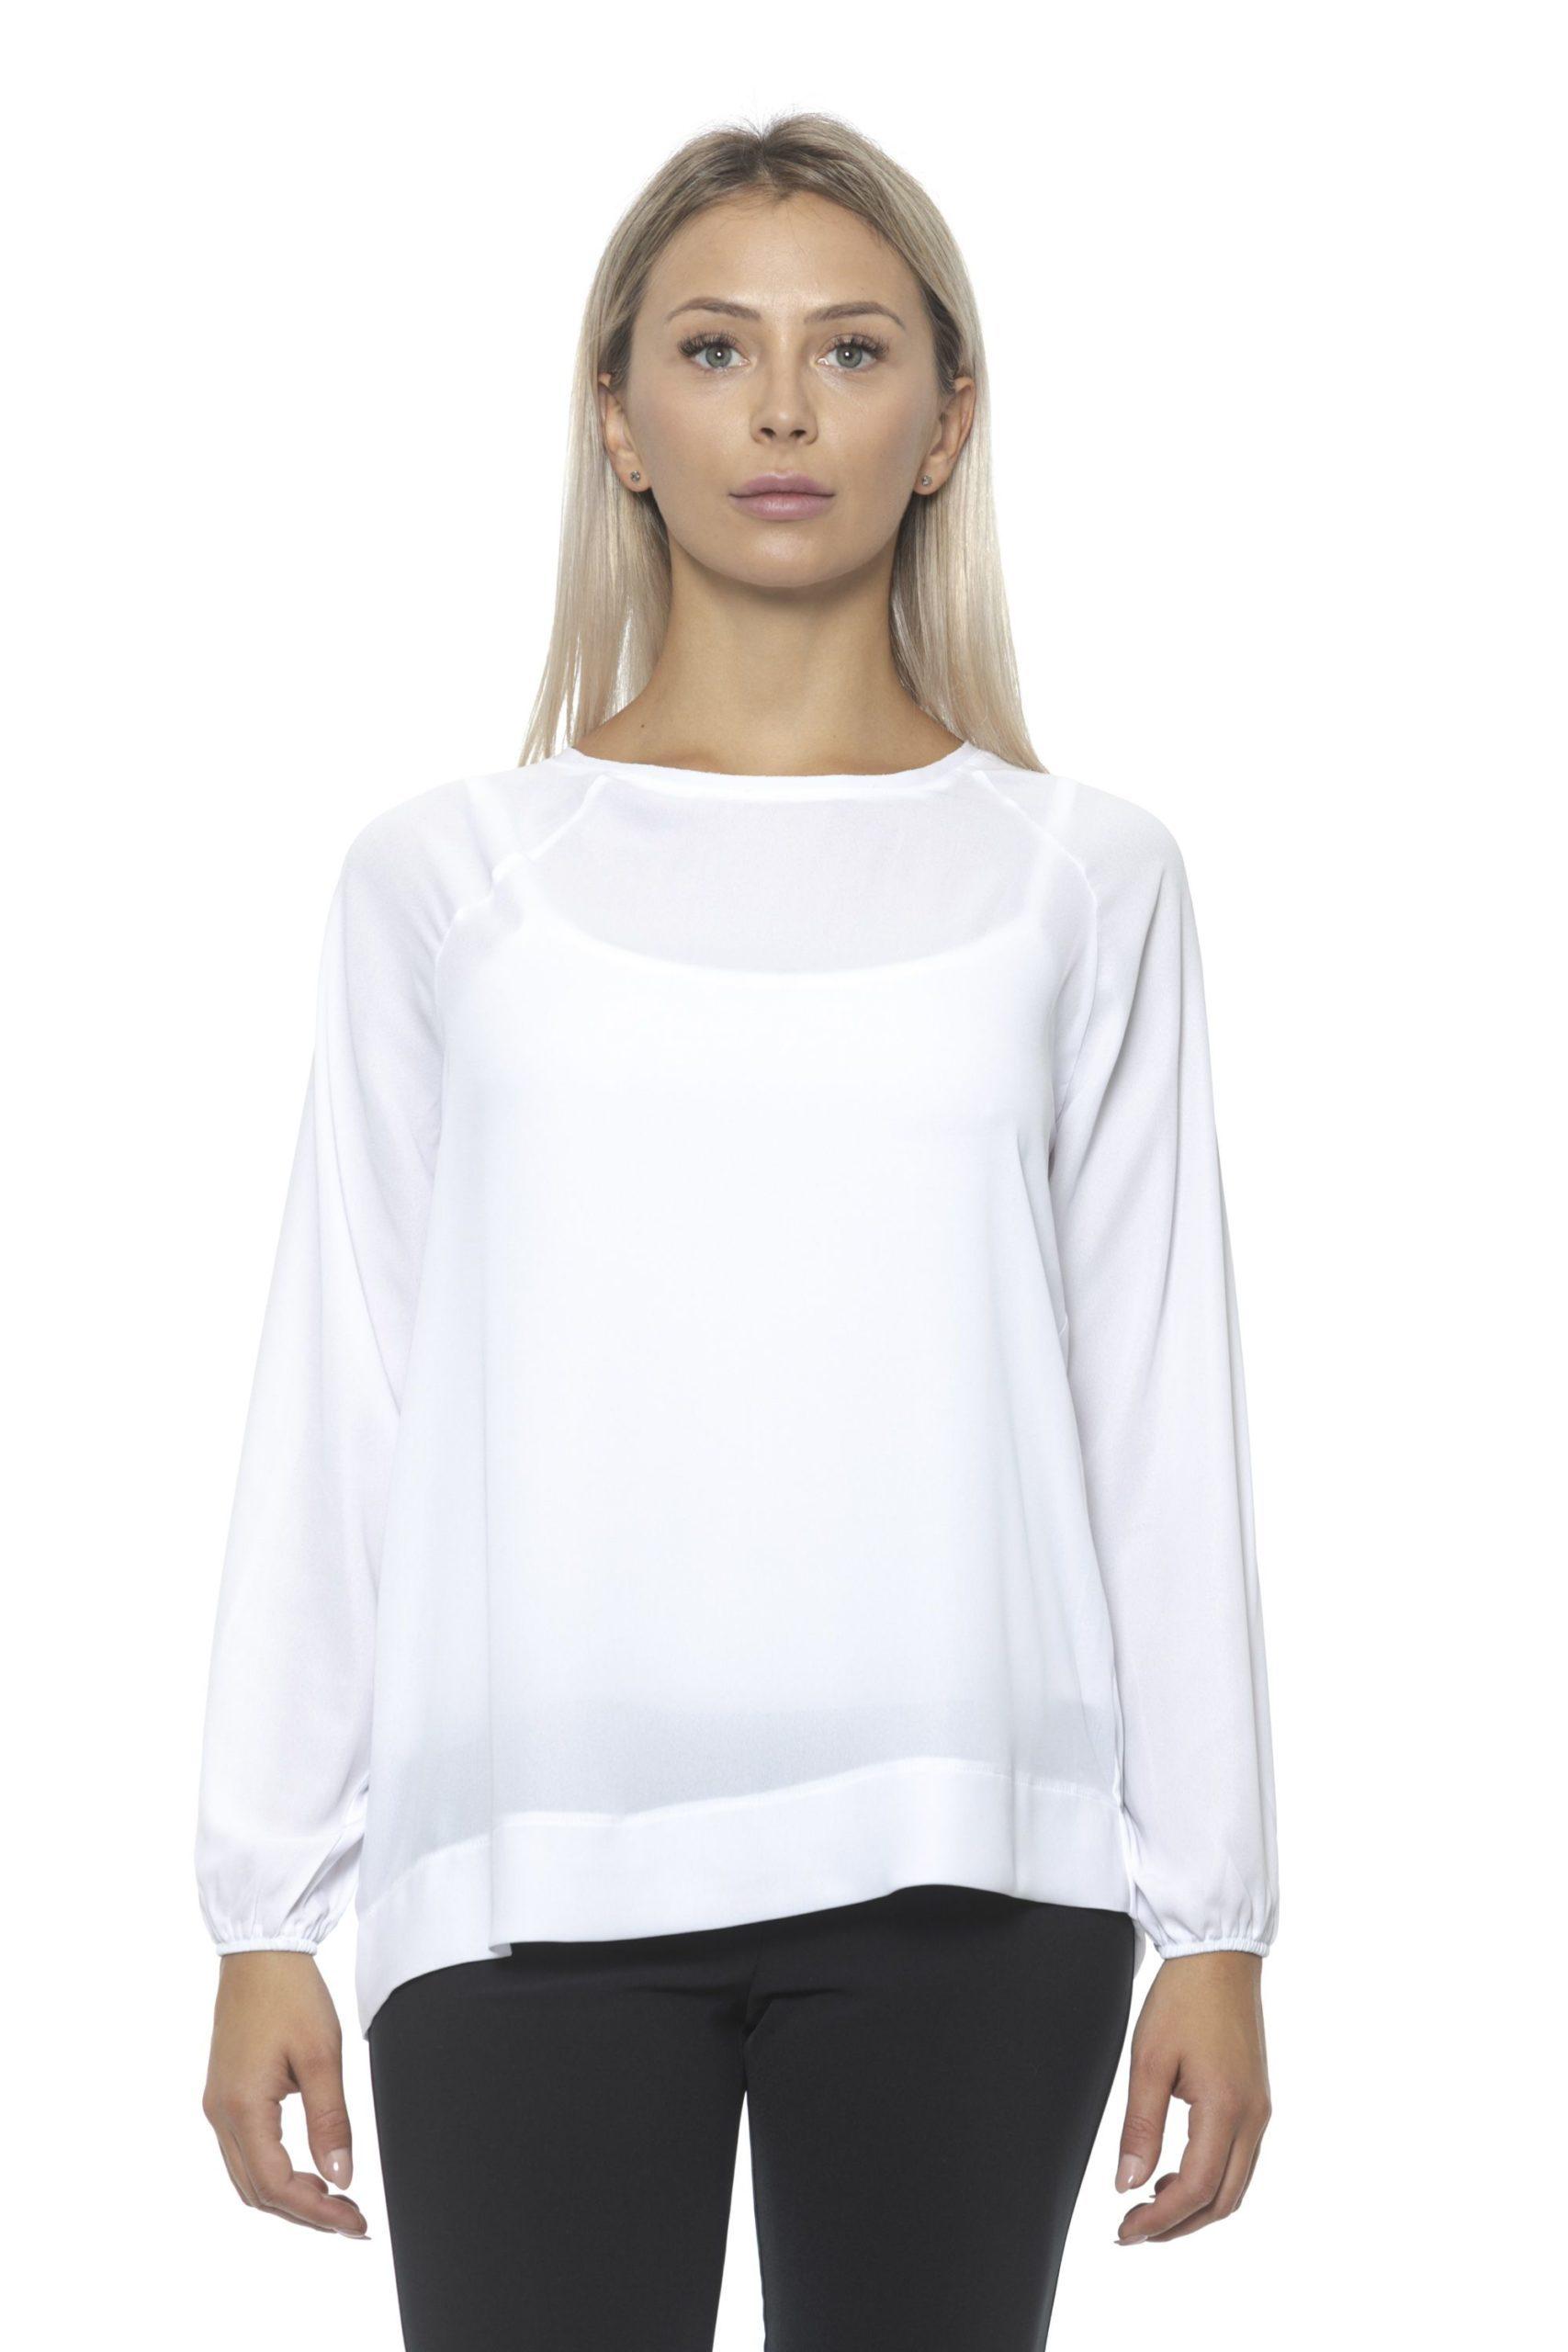 Alpha Studio Women's Ottico Sweater White AL1314799 - IT42 | S